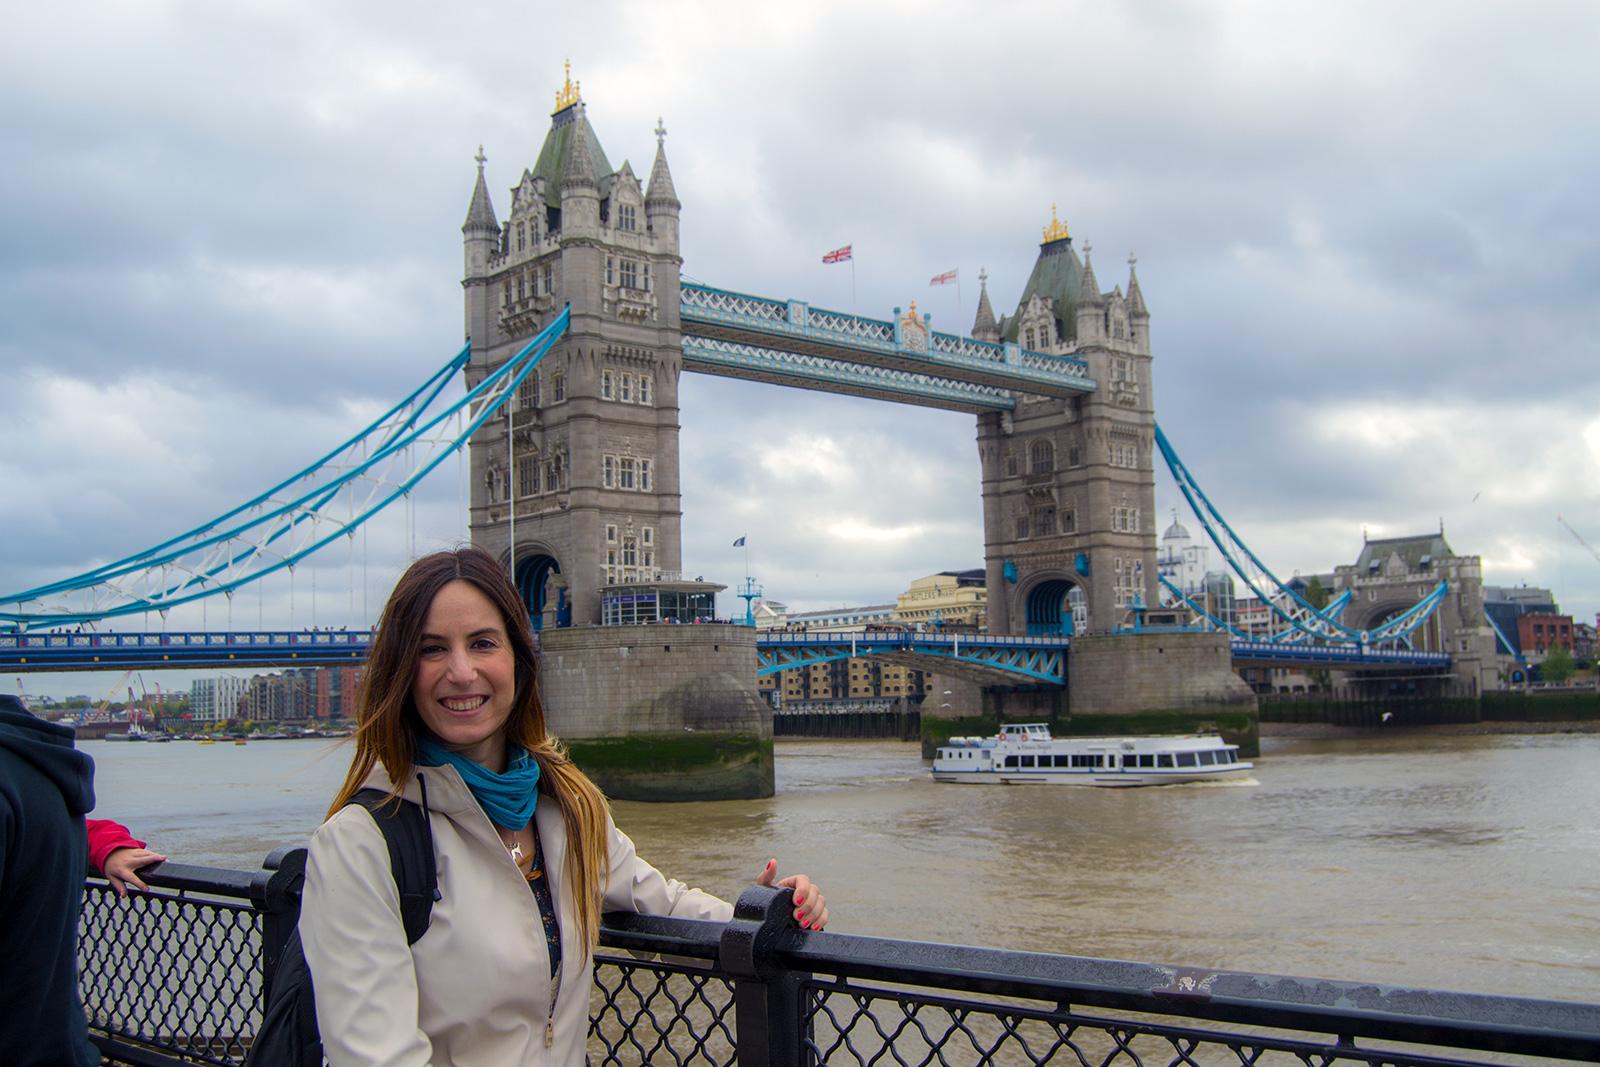 Nerea en el Puente de Londres – Cómo exprimir al máximo una London Pass de un día